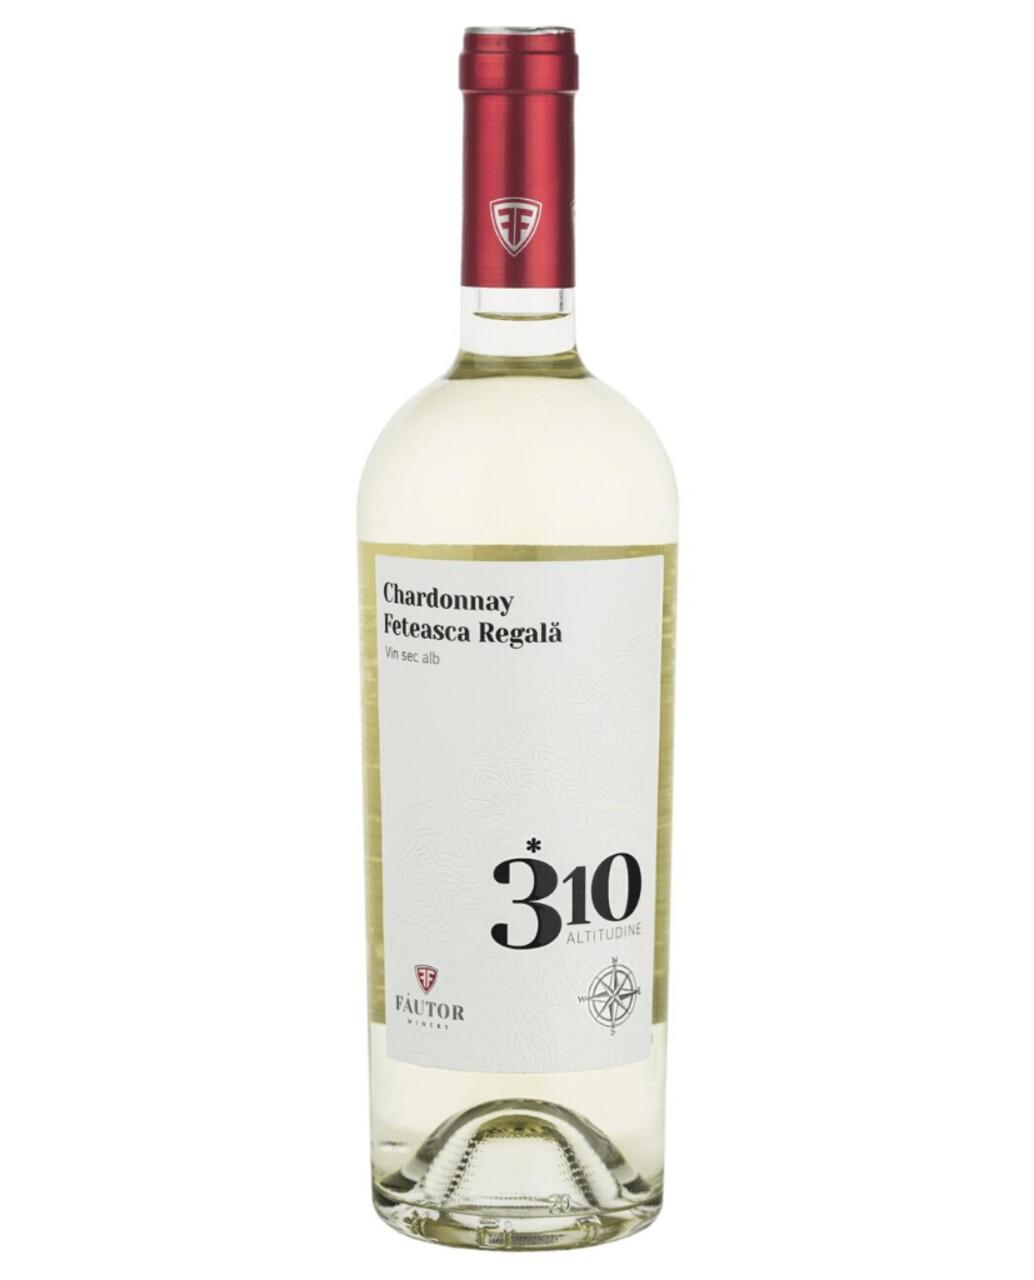 Fautor 310 Altitudine Chardonnay & Feteasca Regala